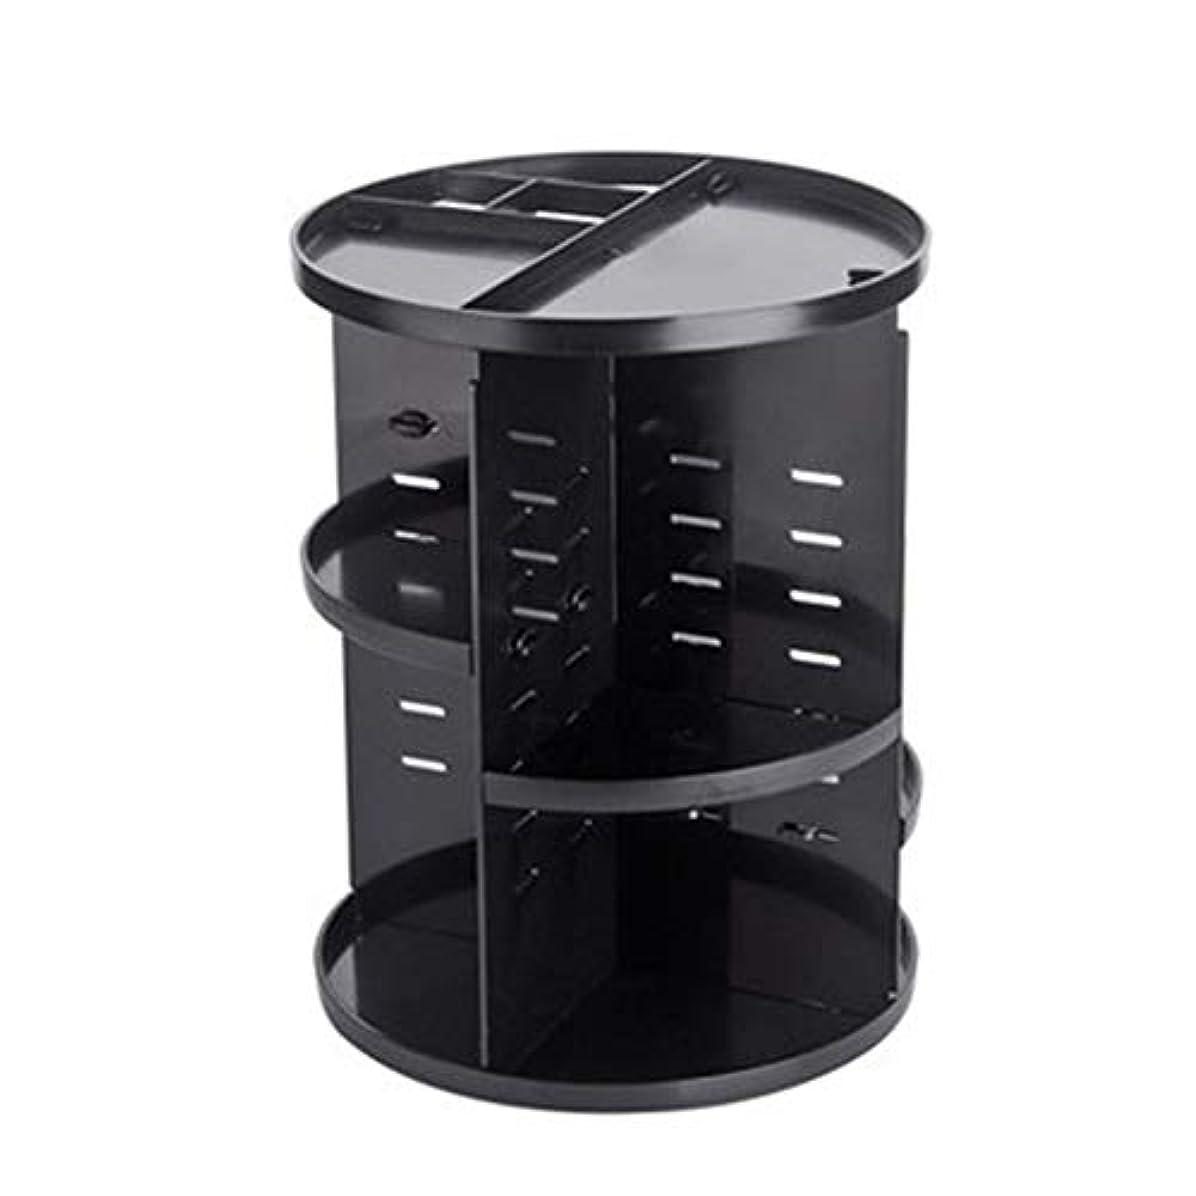 協定駐地図書館ACHICOO 回転可能 化粧収納ボックス 収納棚 口紅 ブラシ 香水 マニキュア 化粧品ラック オーガナイザー 黒